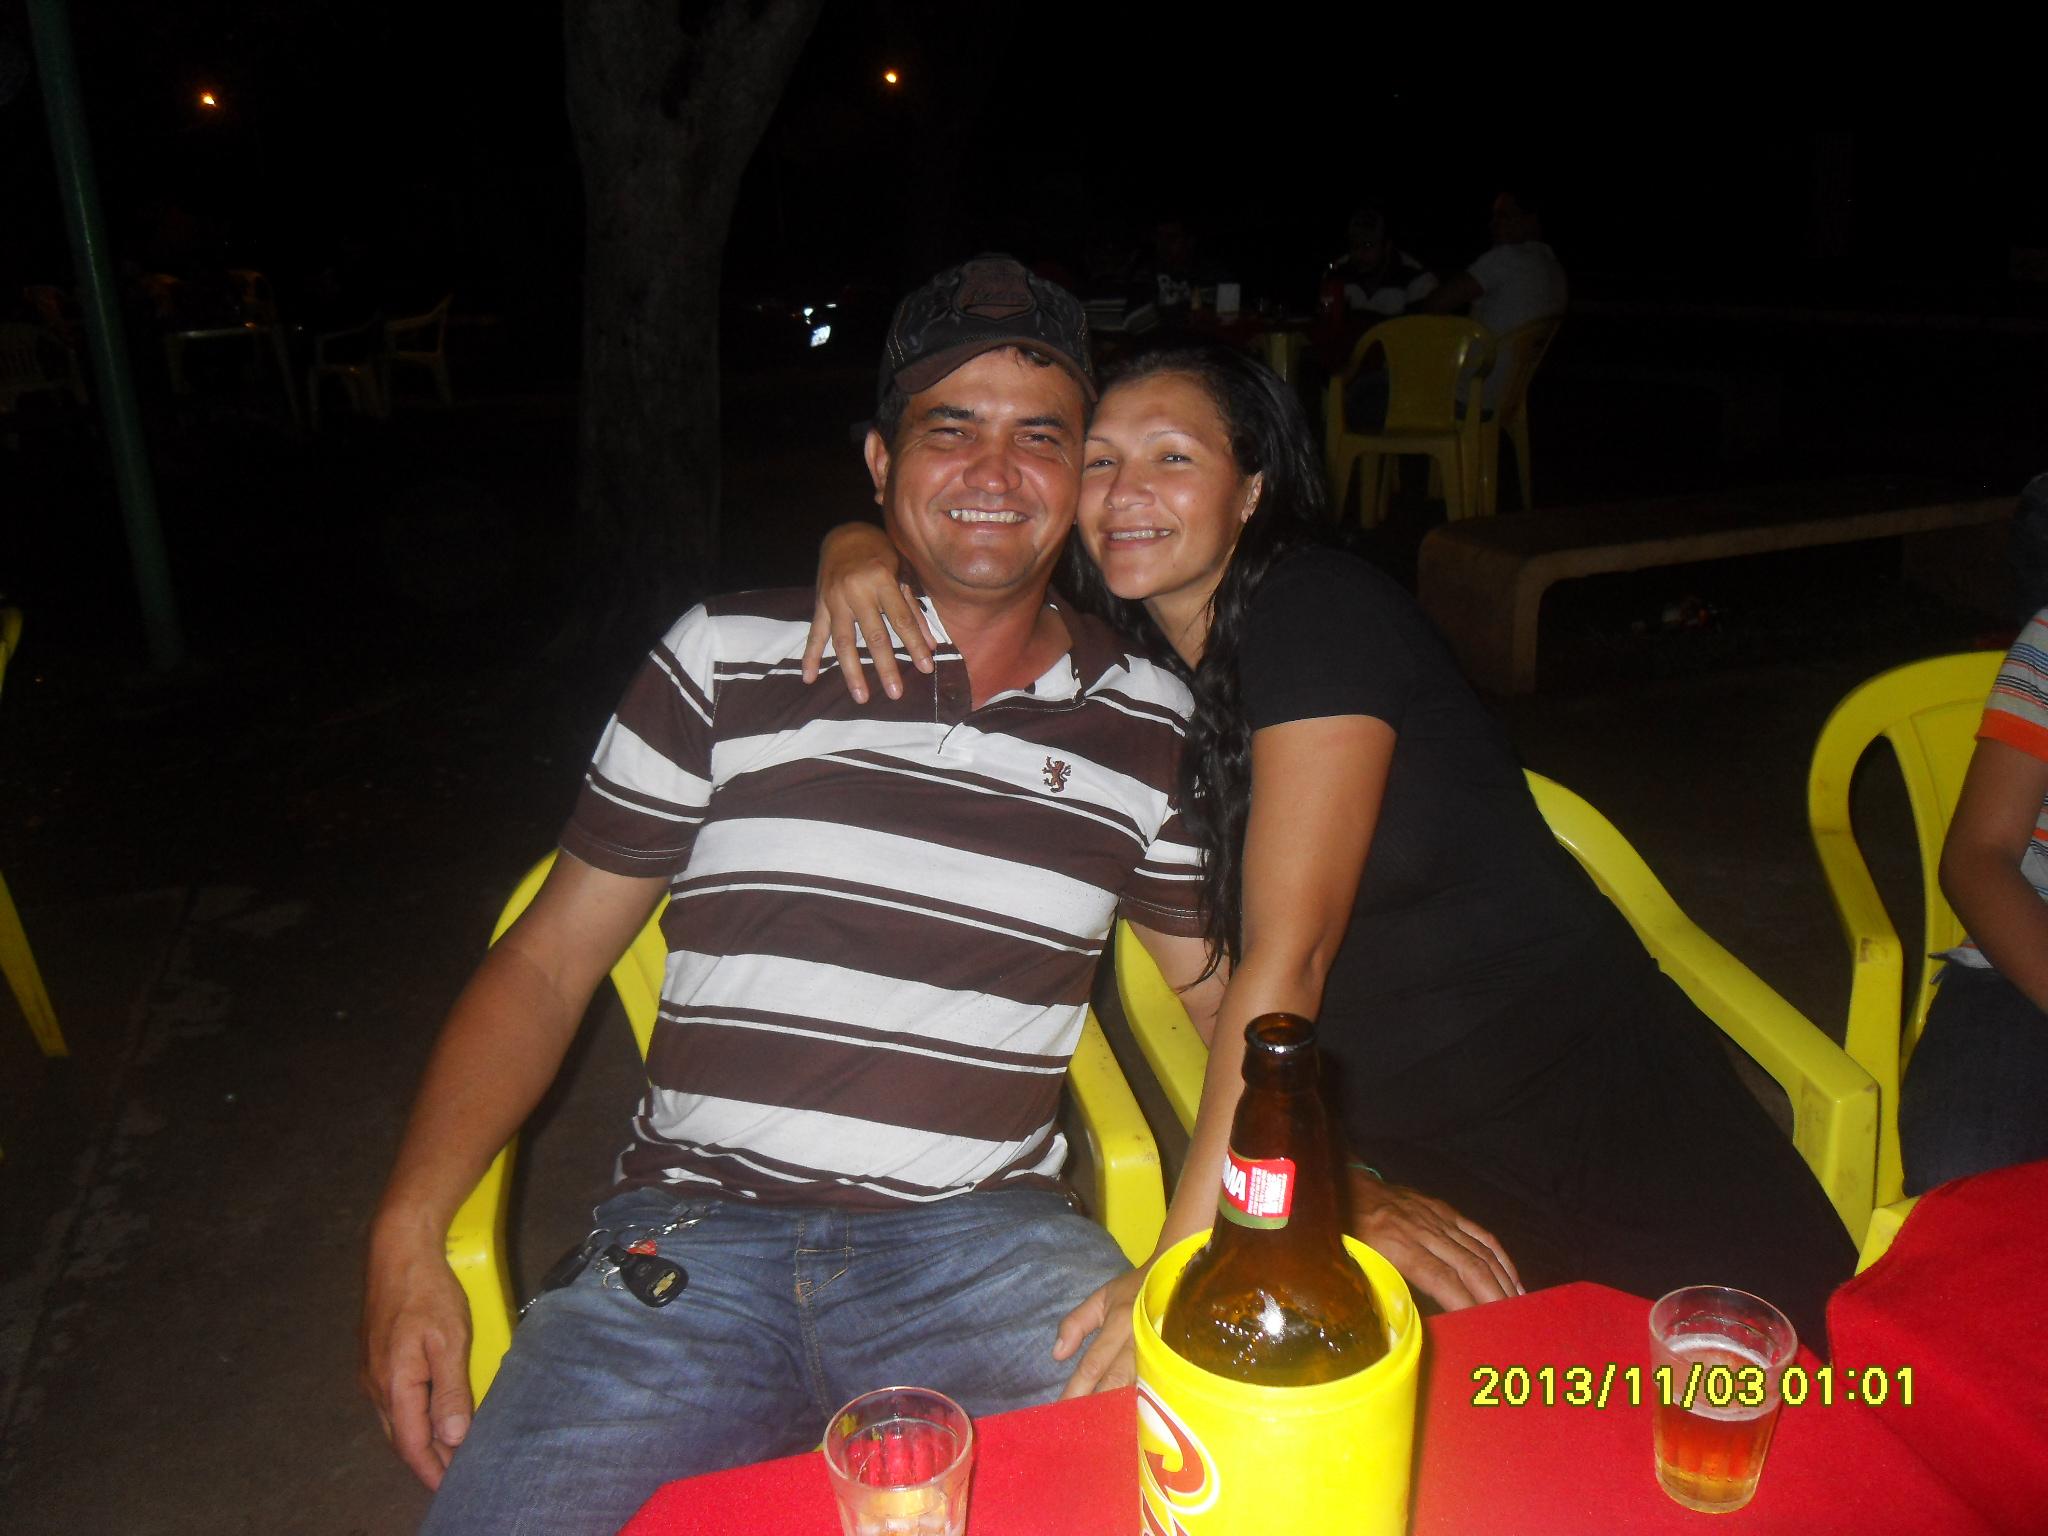 Pedreiro que matou ex-namorada em Divinópolis em 2014 teria deixado carta antes de cometer suicídio